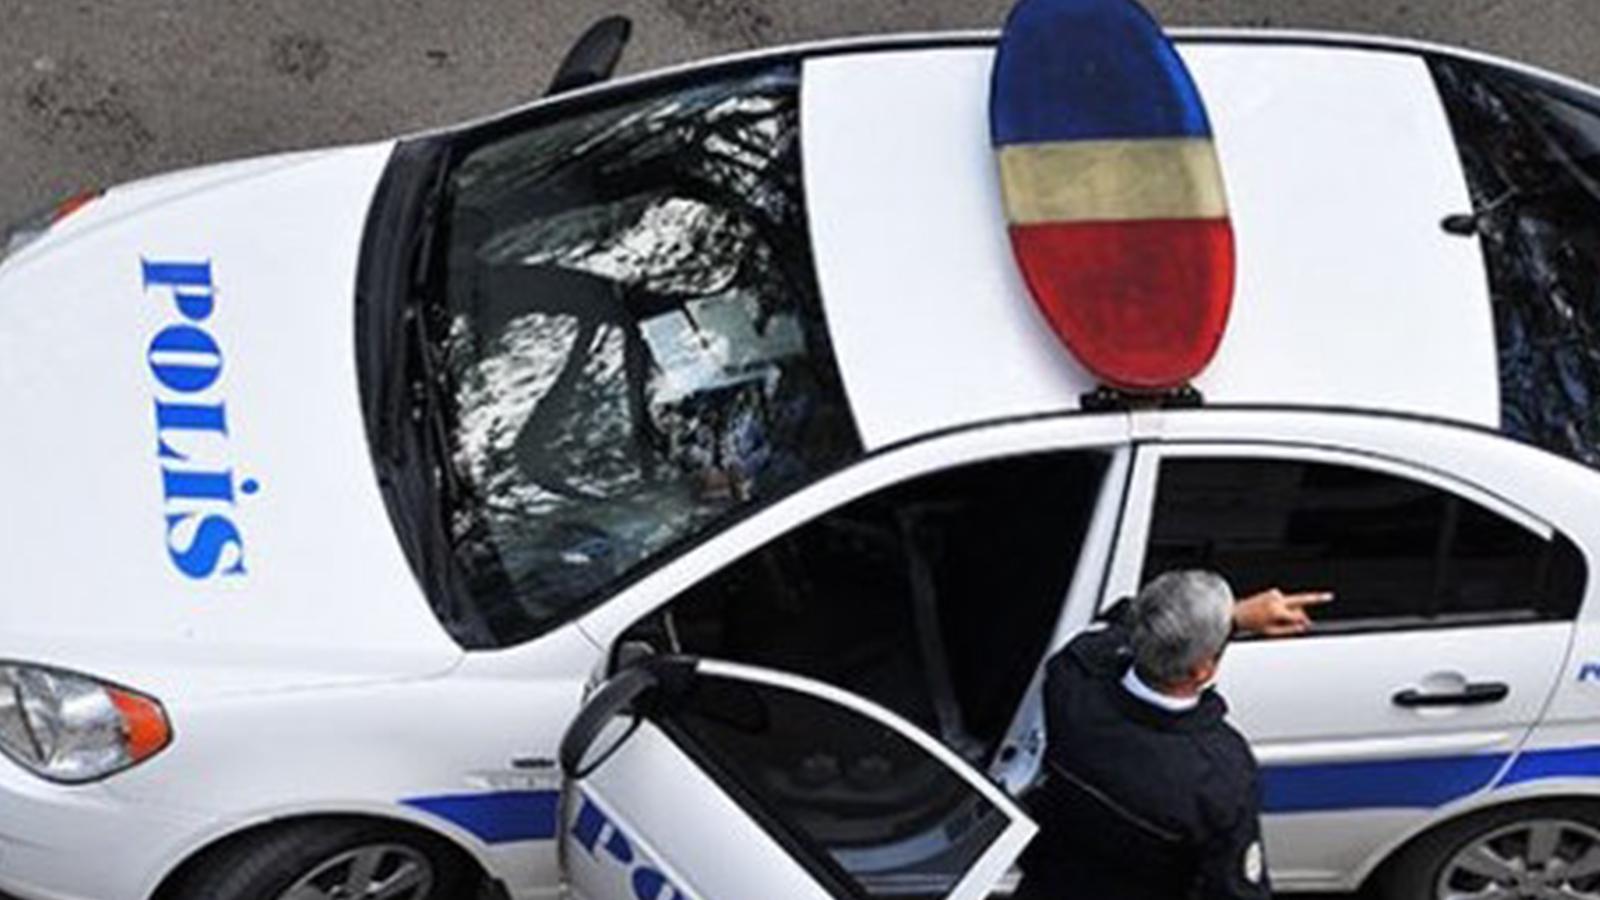 Photo of Պոլսահայ մտավորականի արձագանքը՝ թուրք ոստիկանի ազգայնամոլական հայտարարությանը